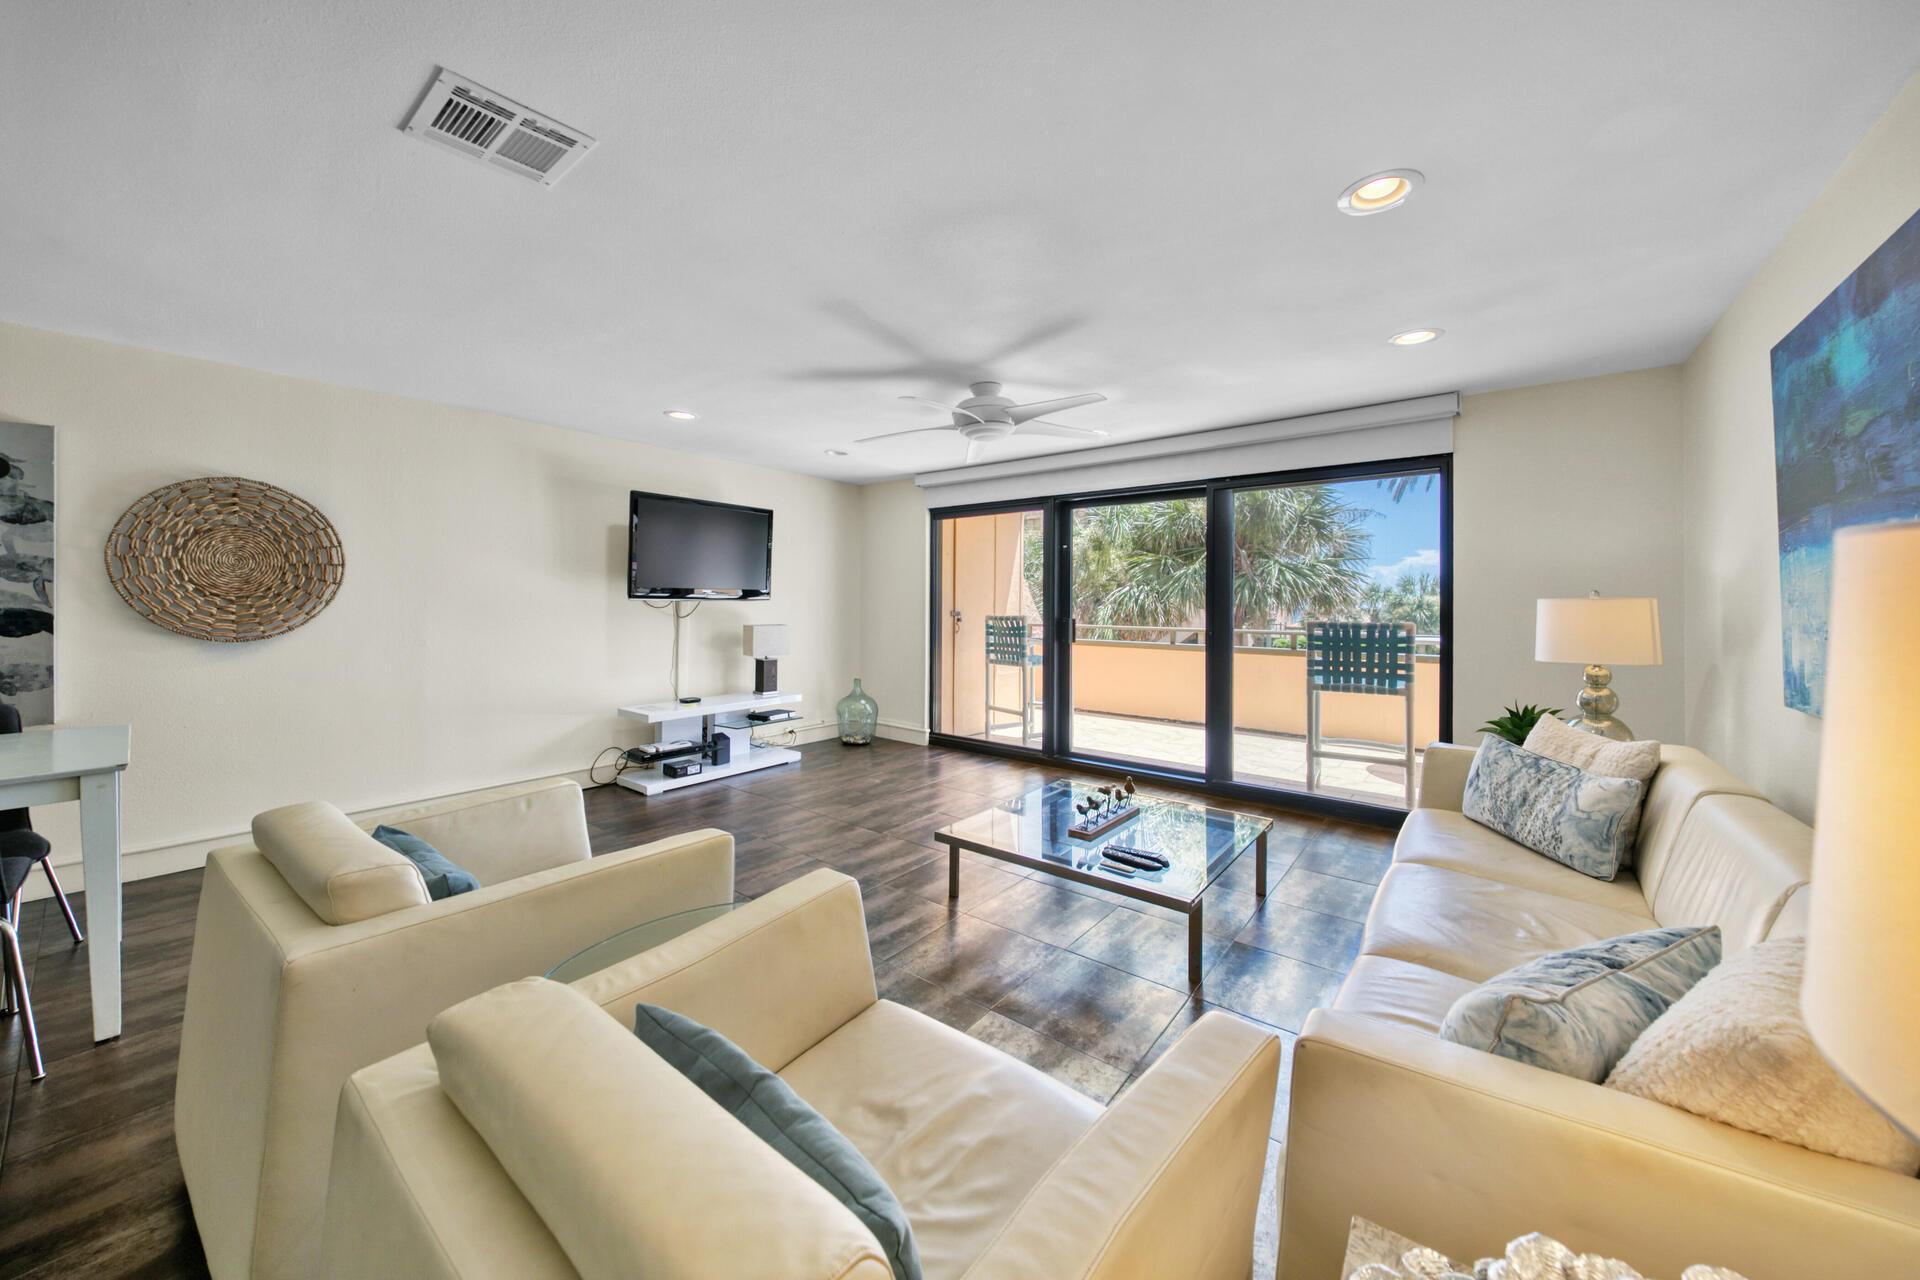 A 2 Bedroom 2 Bedroom Aegean Condo Condominium